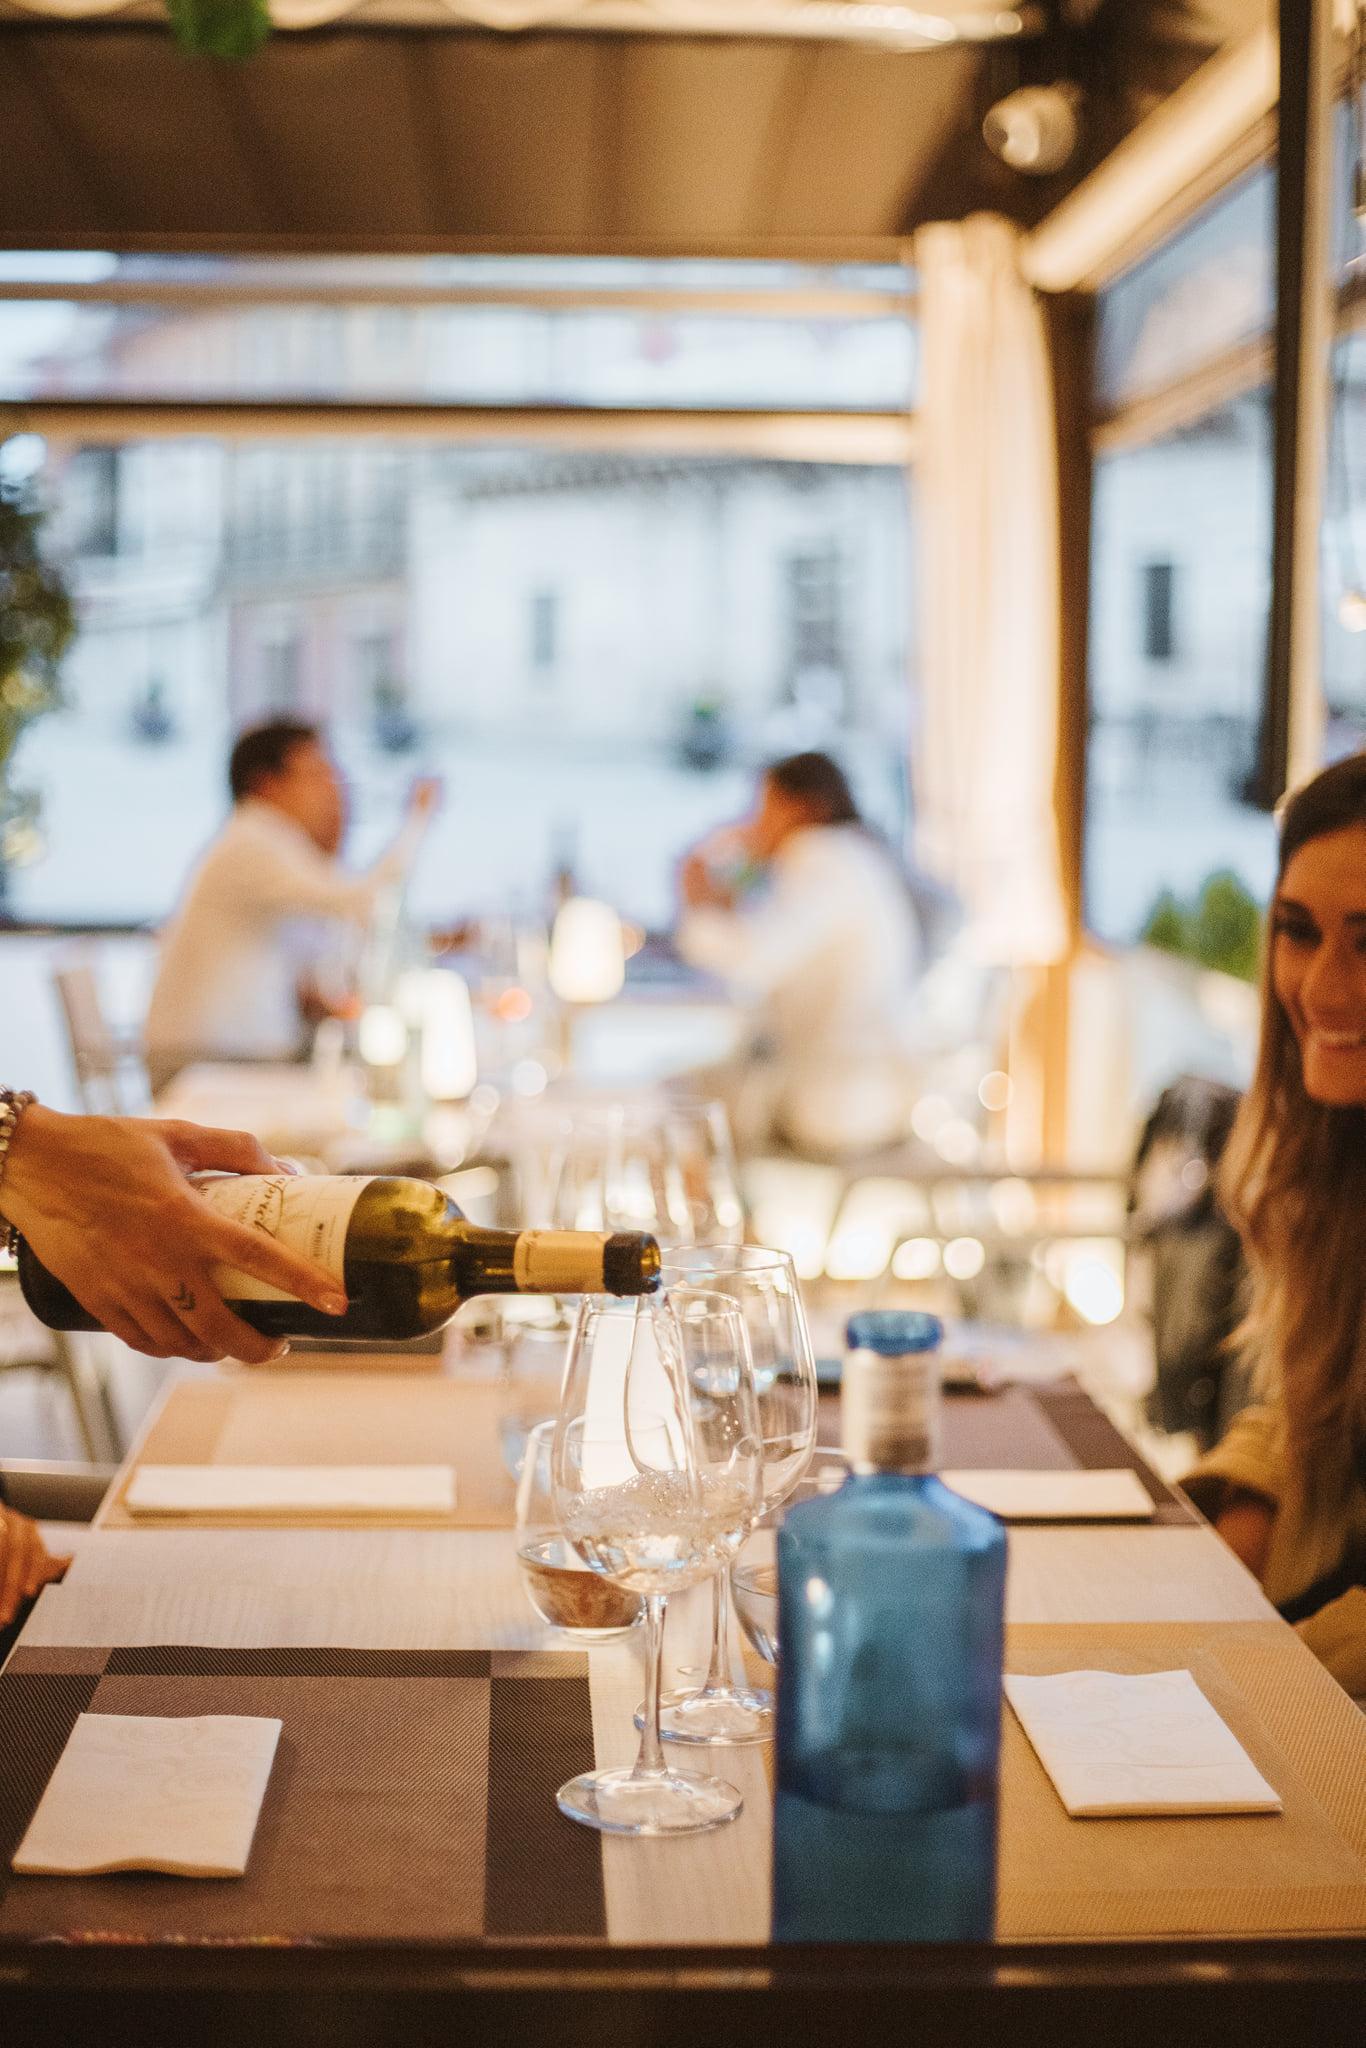 La noche de cocina Nikkei en el restaurante La Violeta, un evento culinario de primer nivel 42